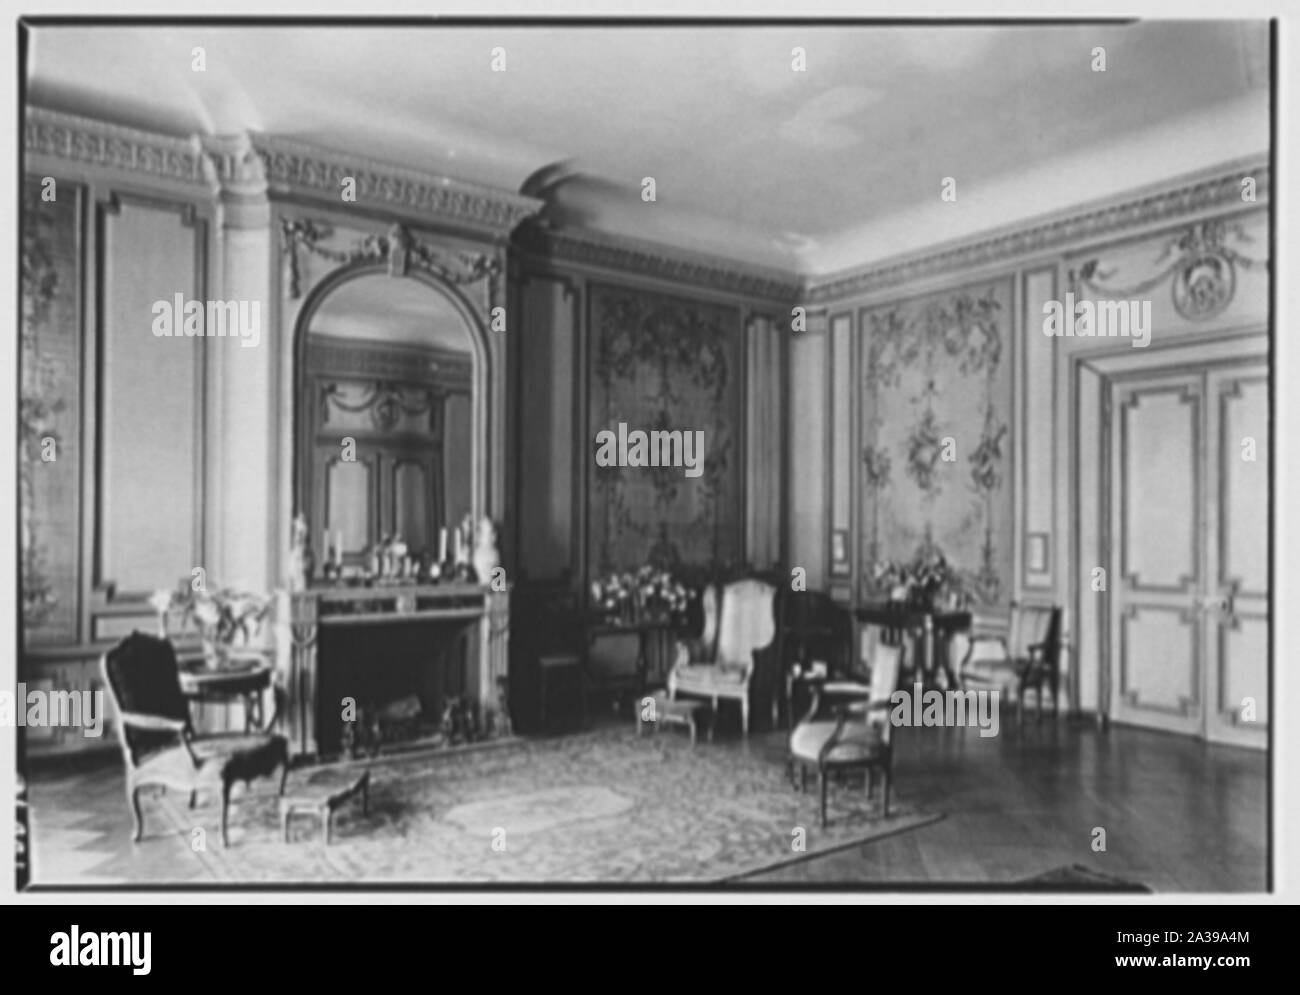 Gramercy Park Hotel,52 Gramercy Park,New York City,NYC,Gottscho-Schleisner